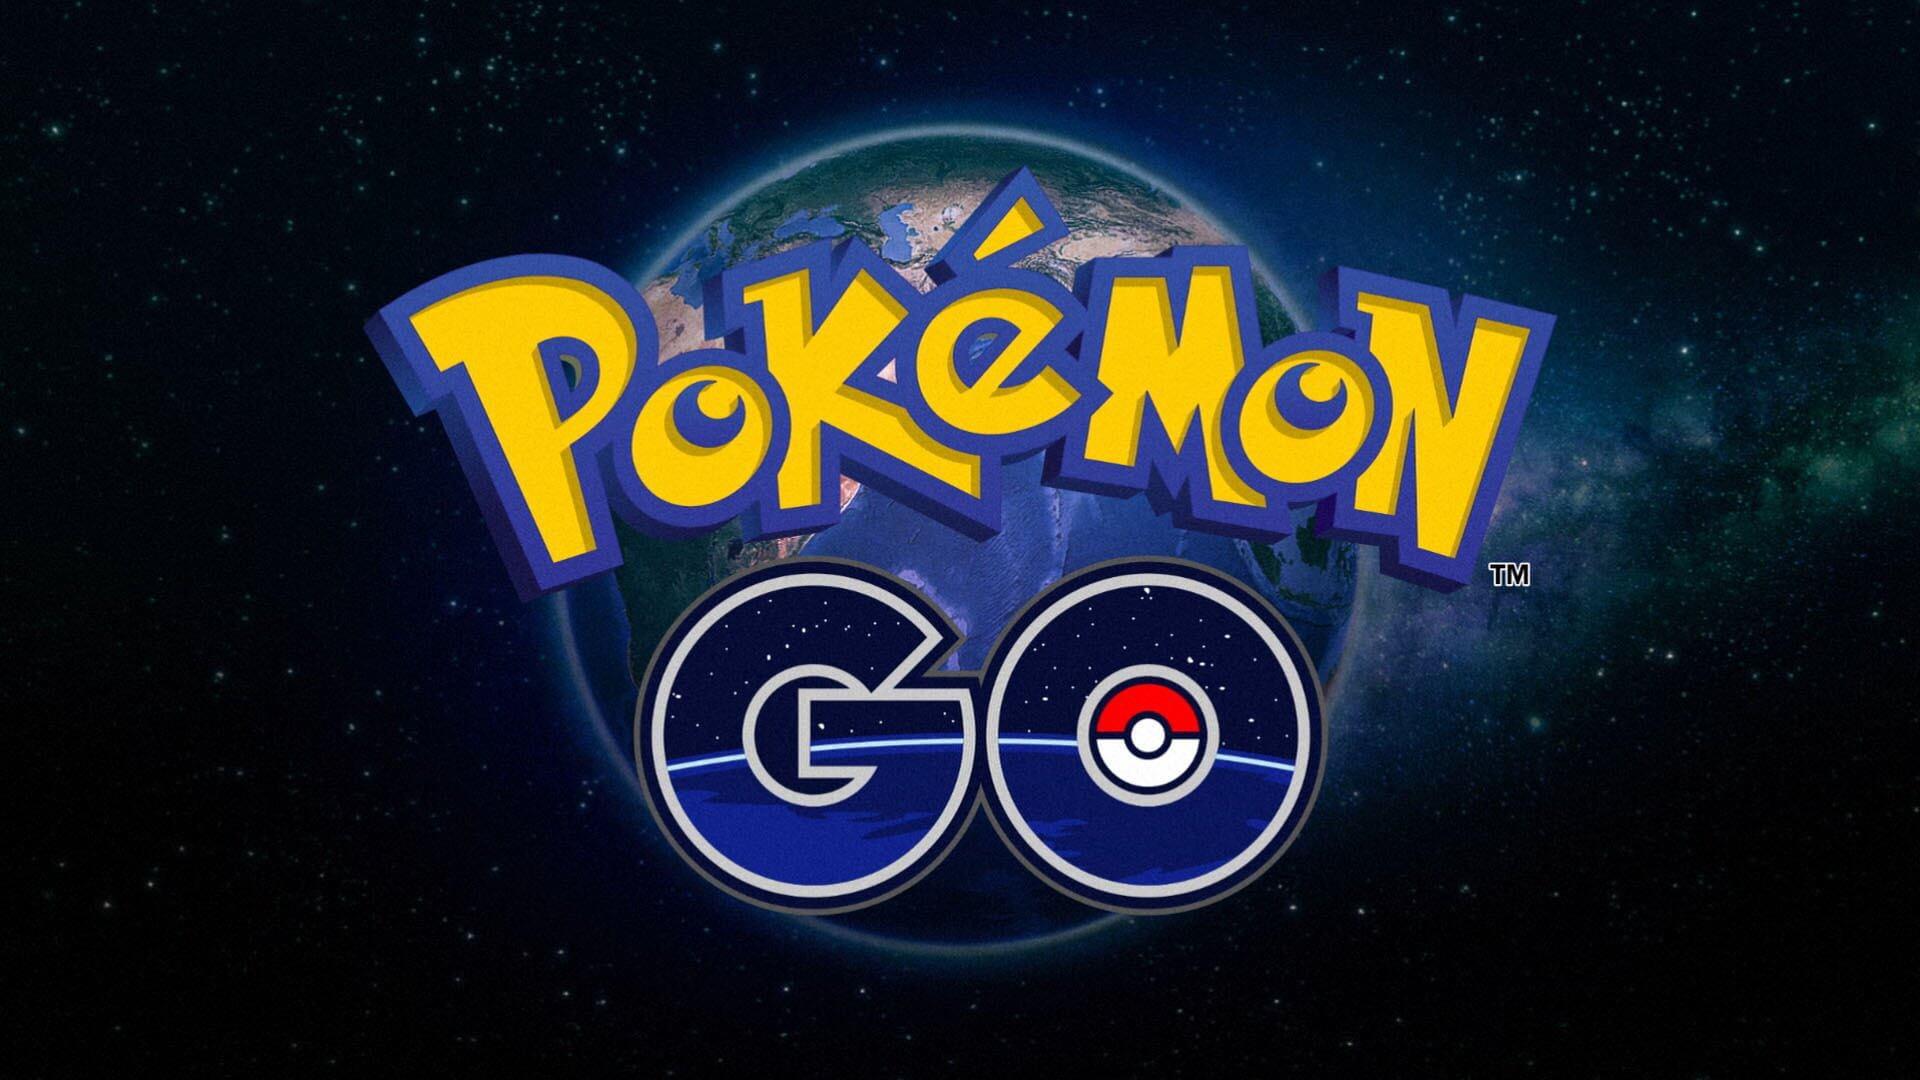 Pokemon Go Widescreen